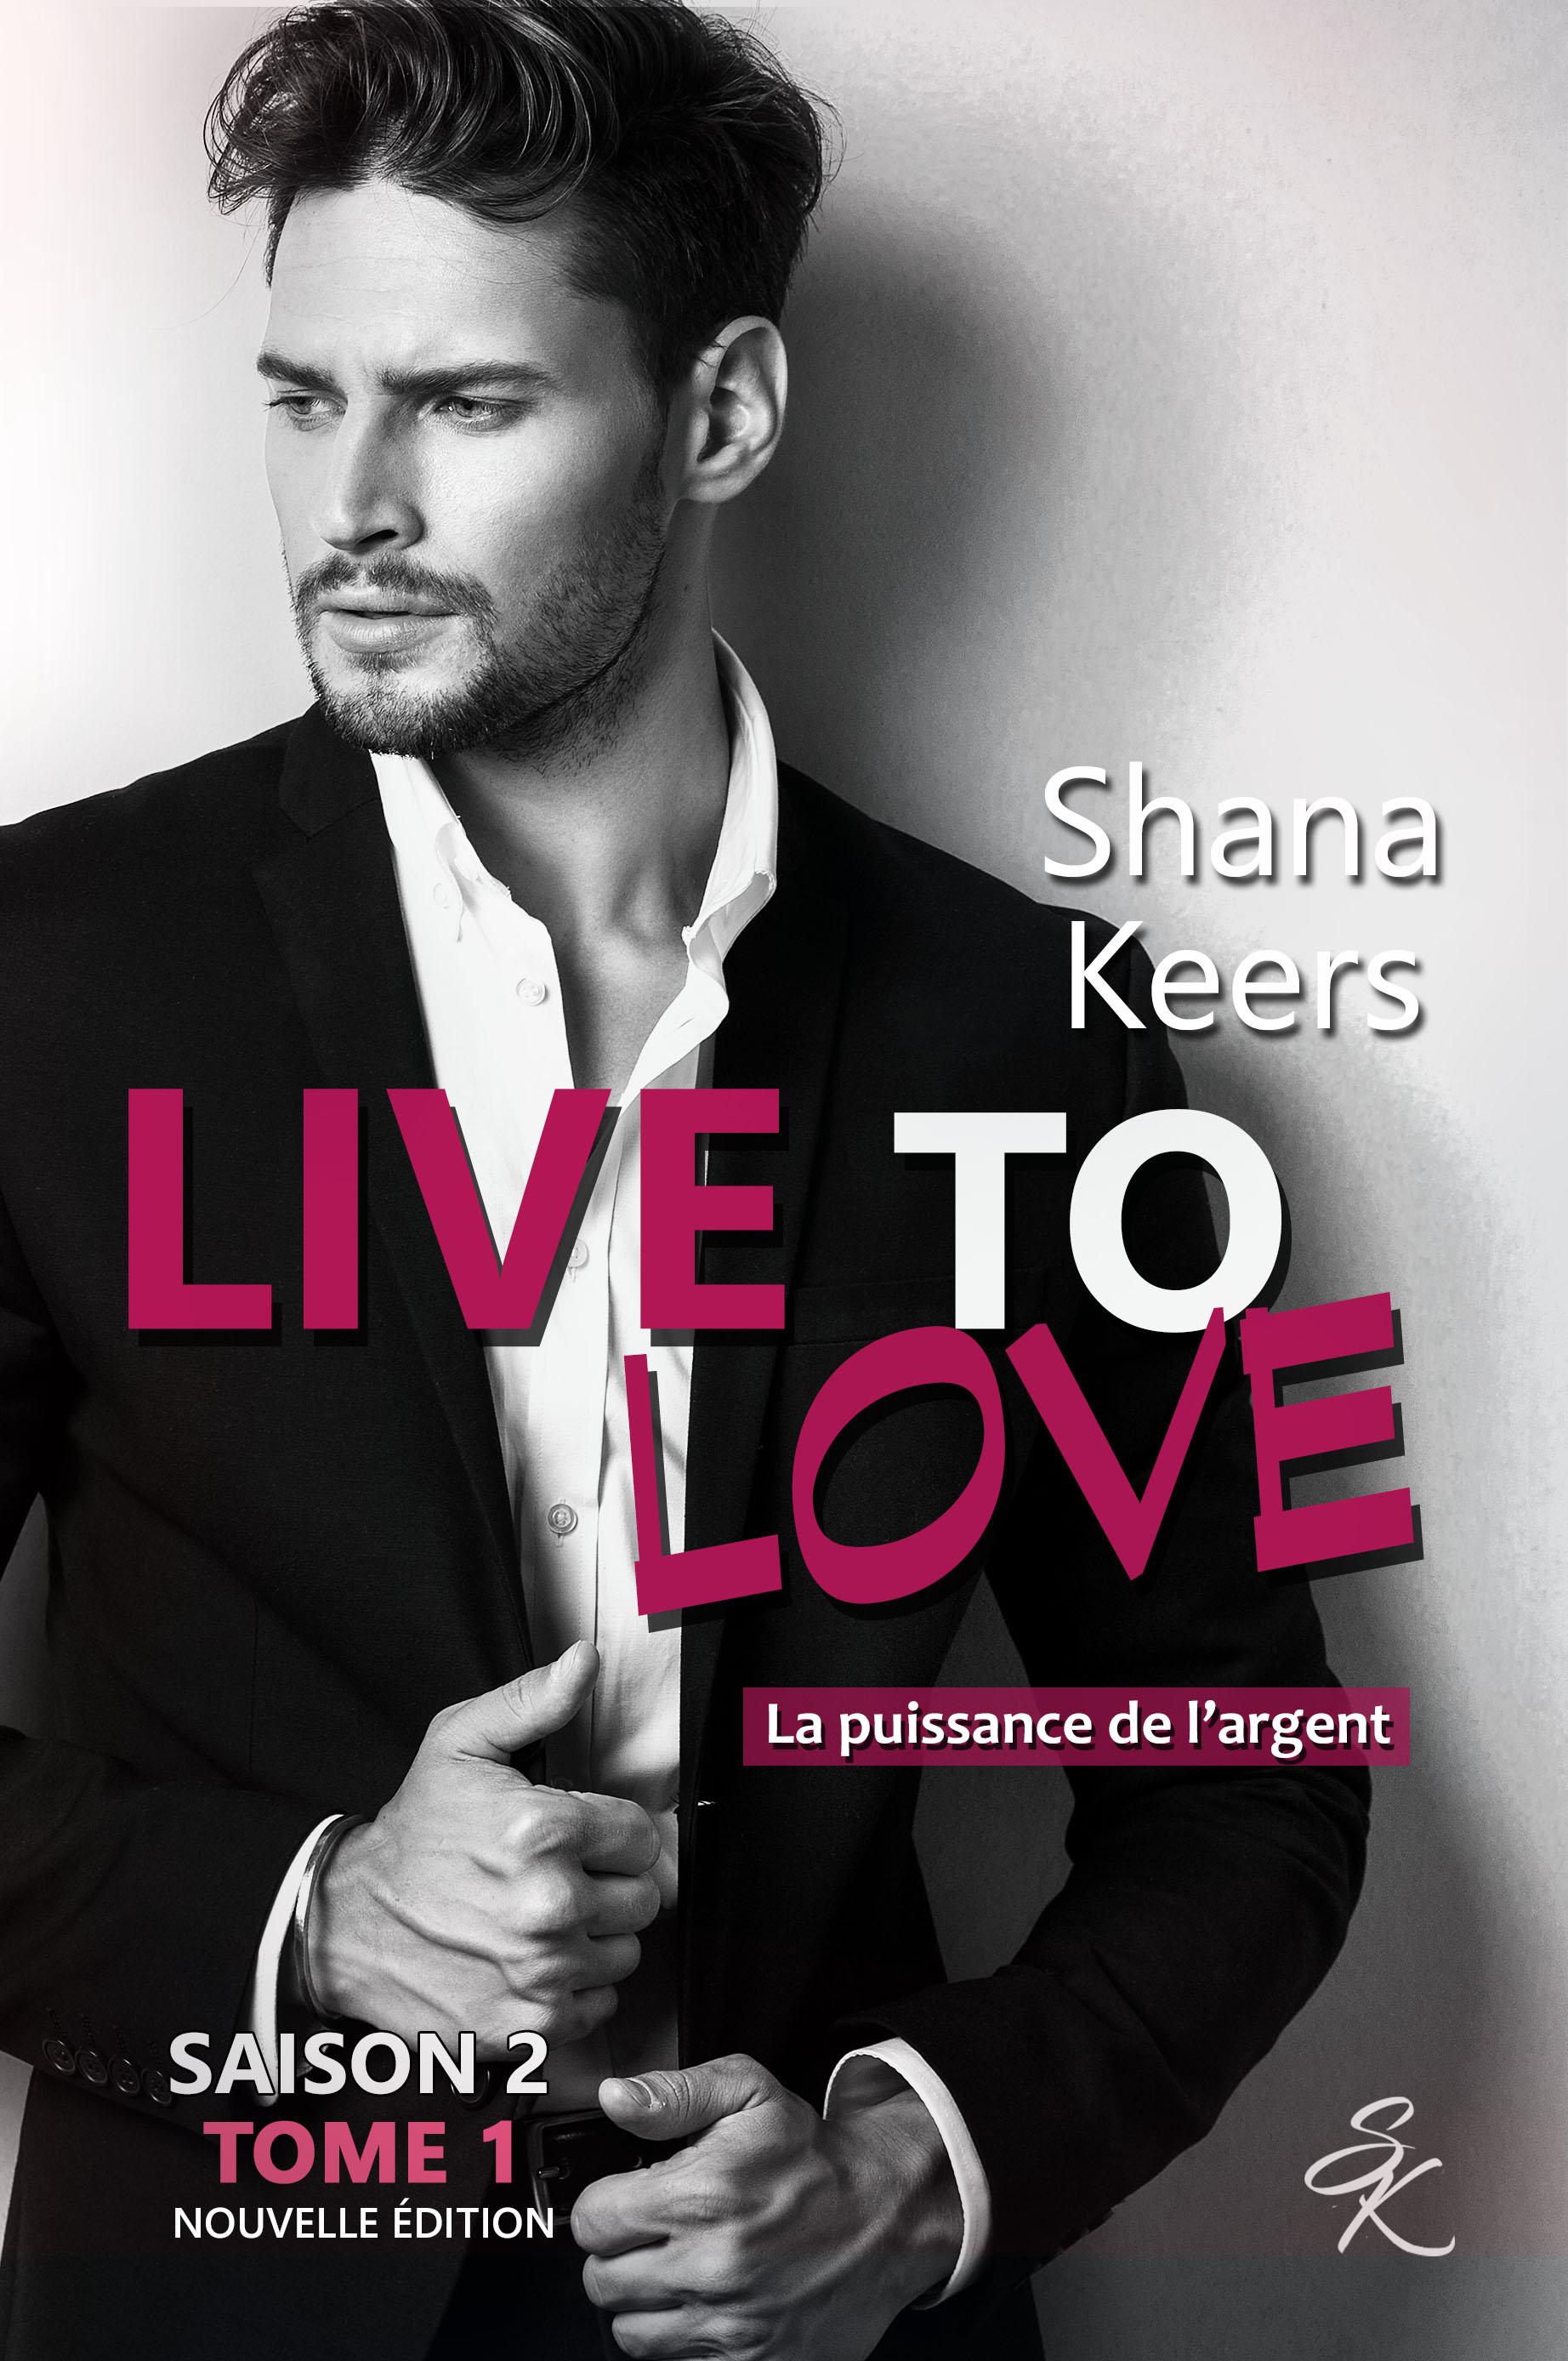 LIVE TO LOVE - Saison 2 - Tome 1 (Nouvelle édition)